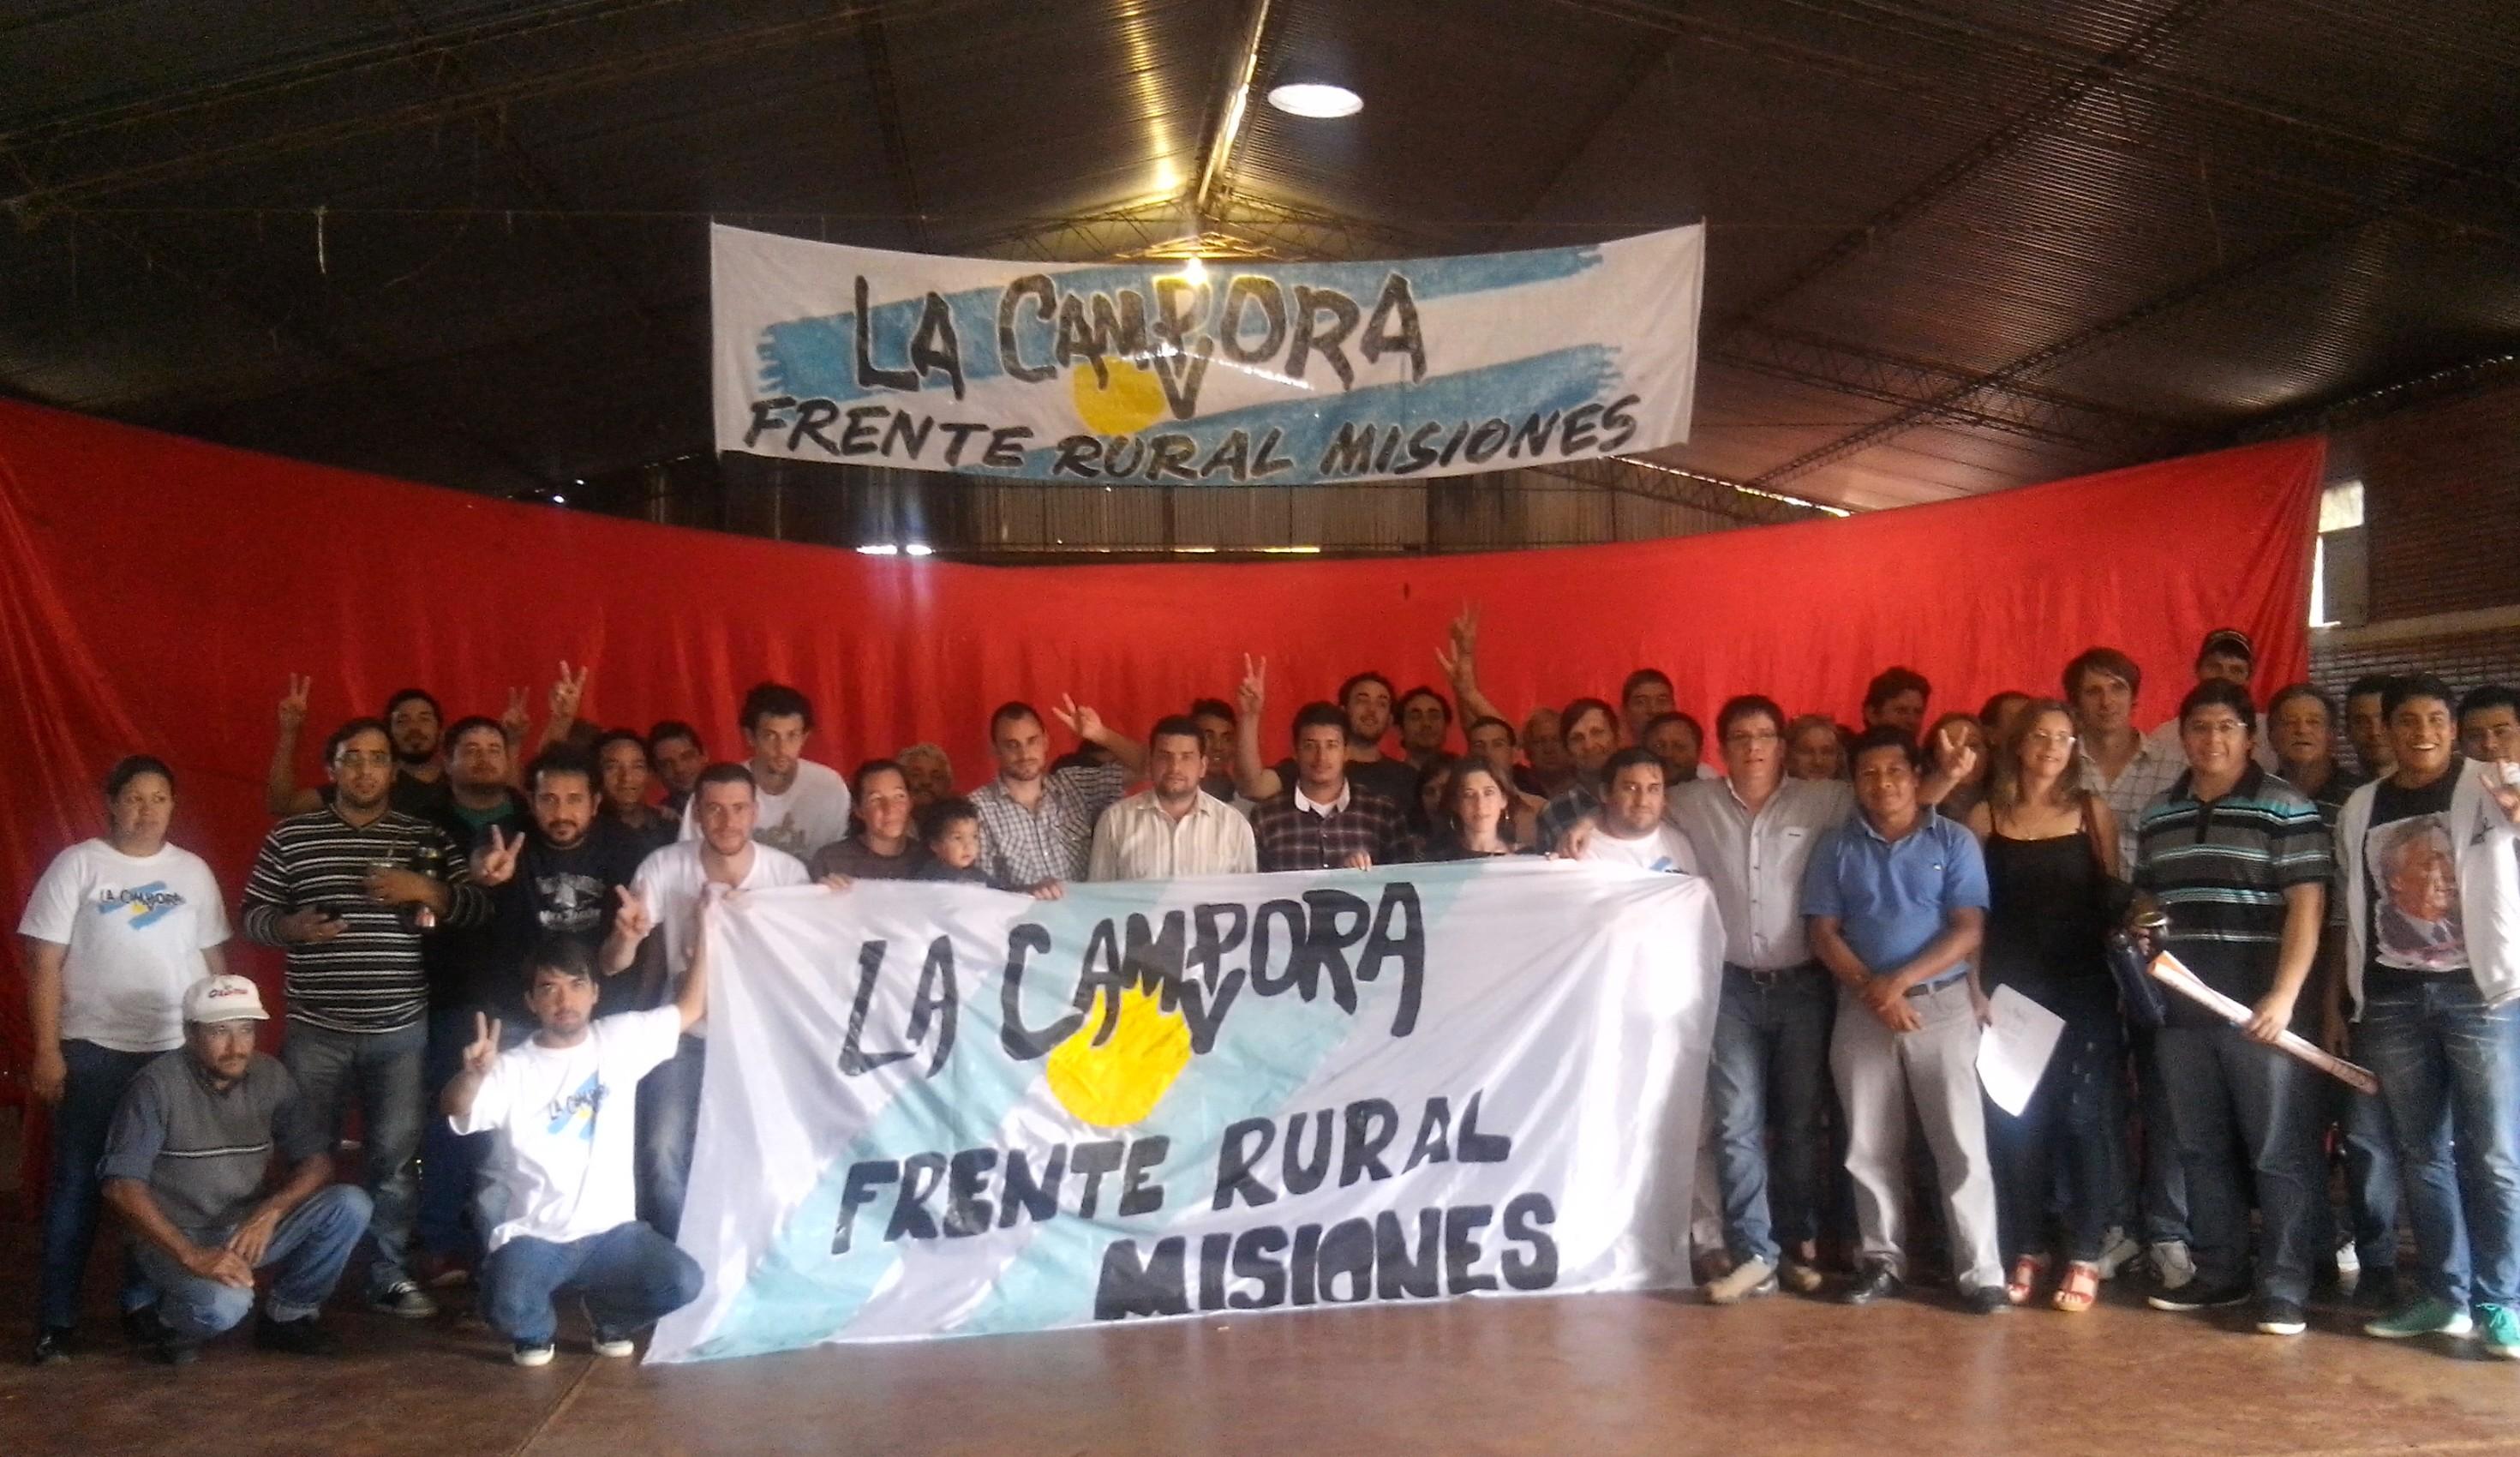 Frente Rural Misiones